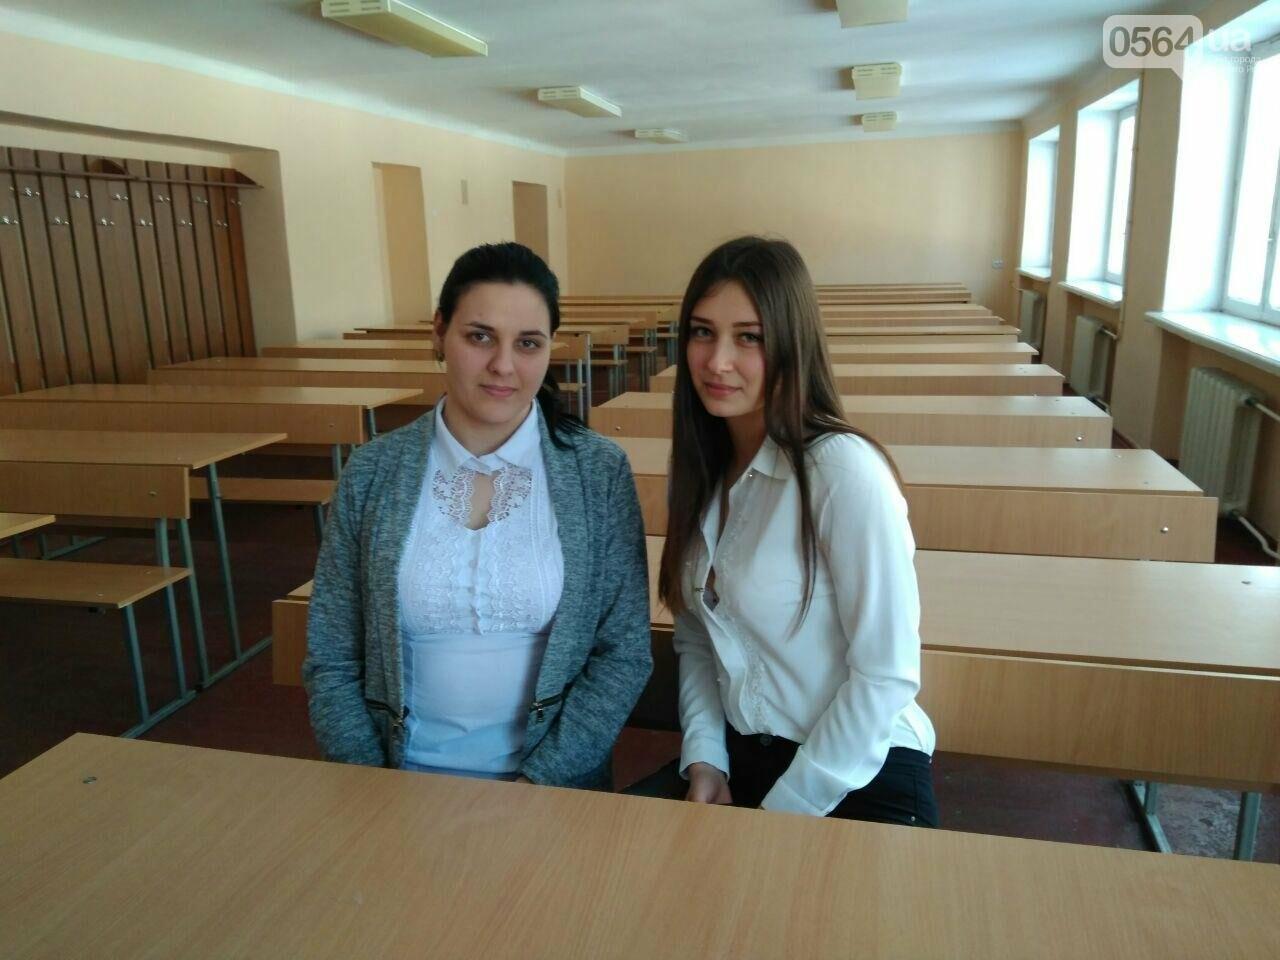 Донецкий юридический: интересная учеба и перспективная профессия на всю жизнь, фото-5